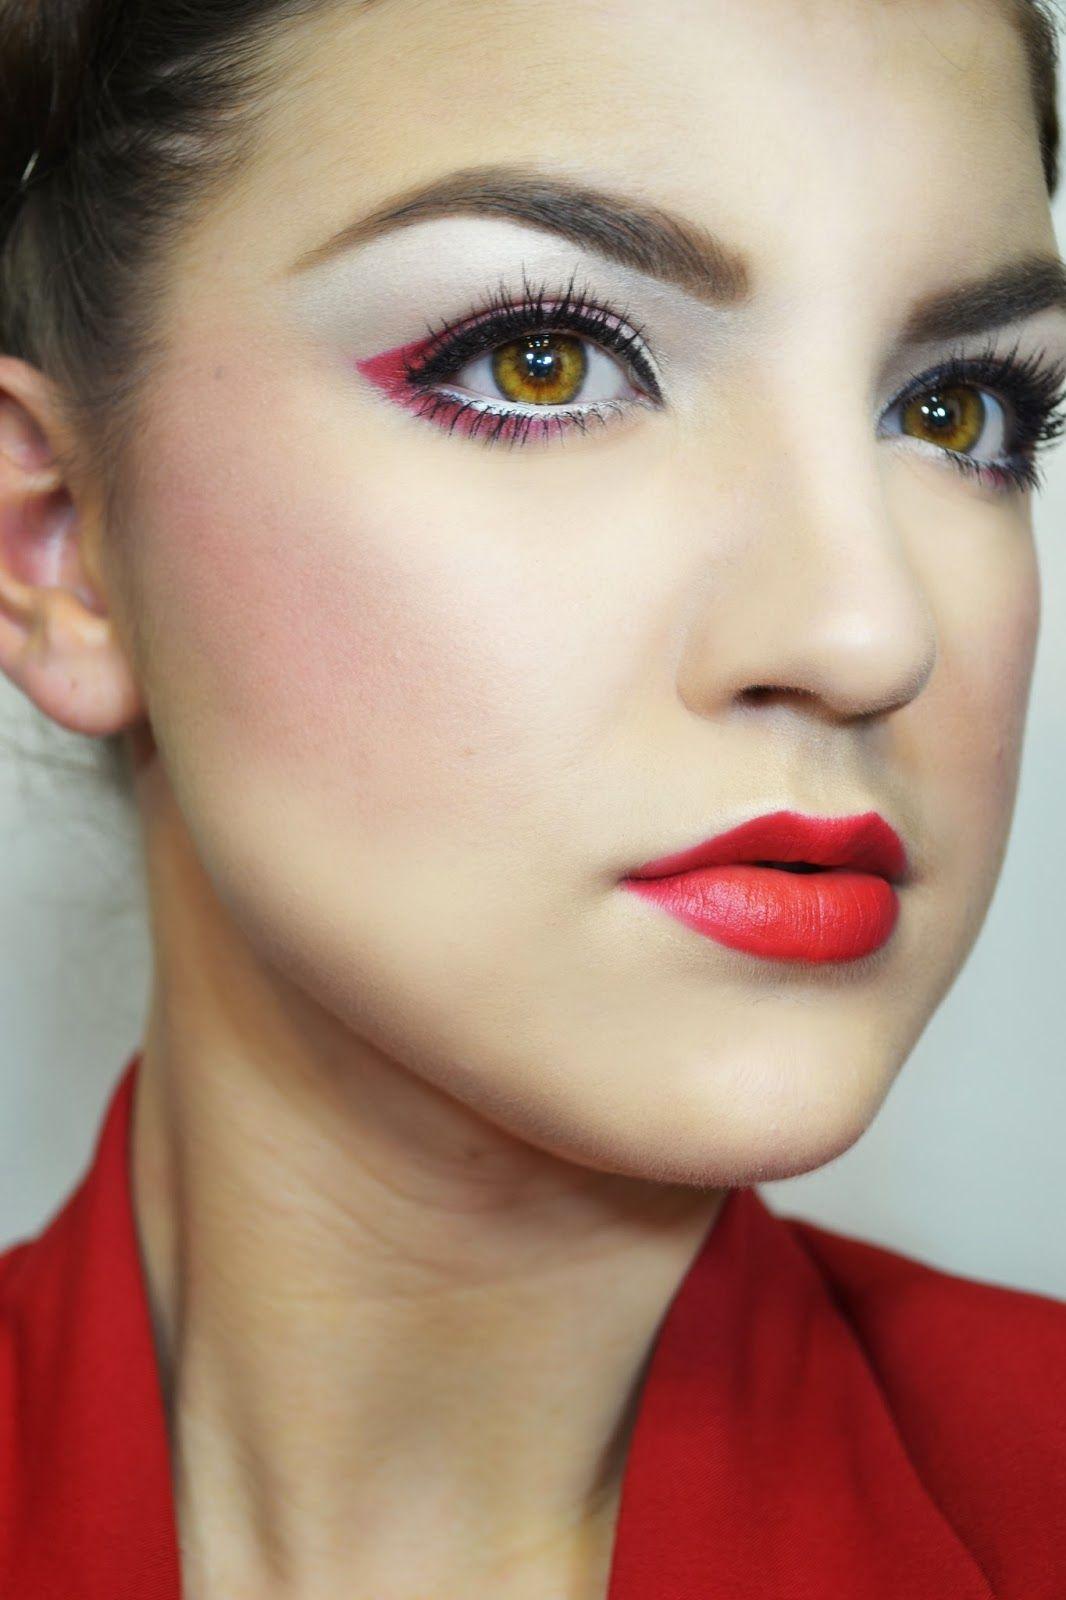 pics Geisha Makeup Tutorial for Halloween